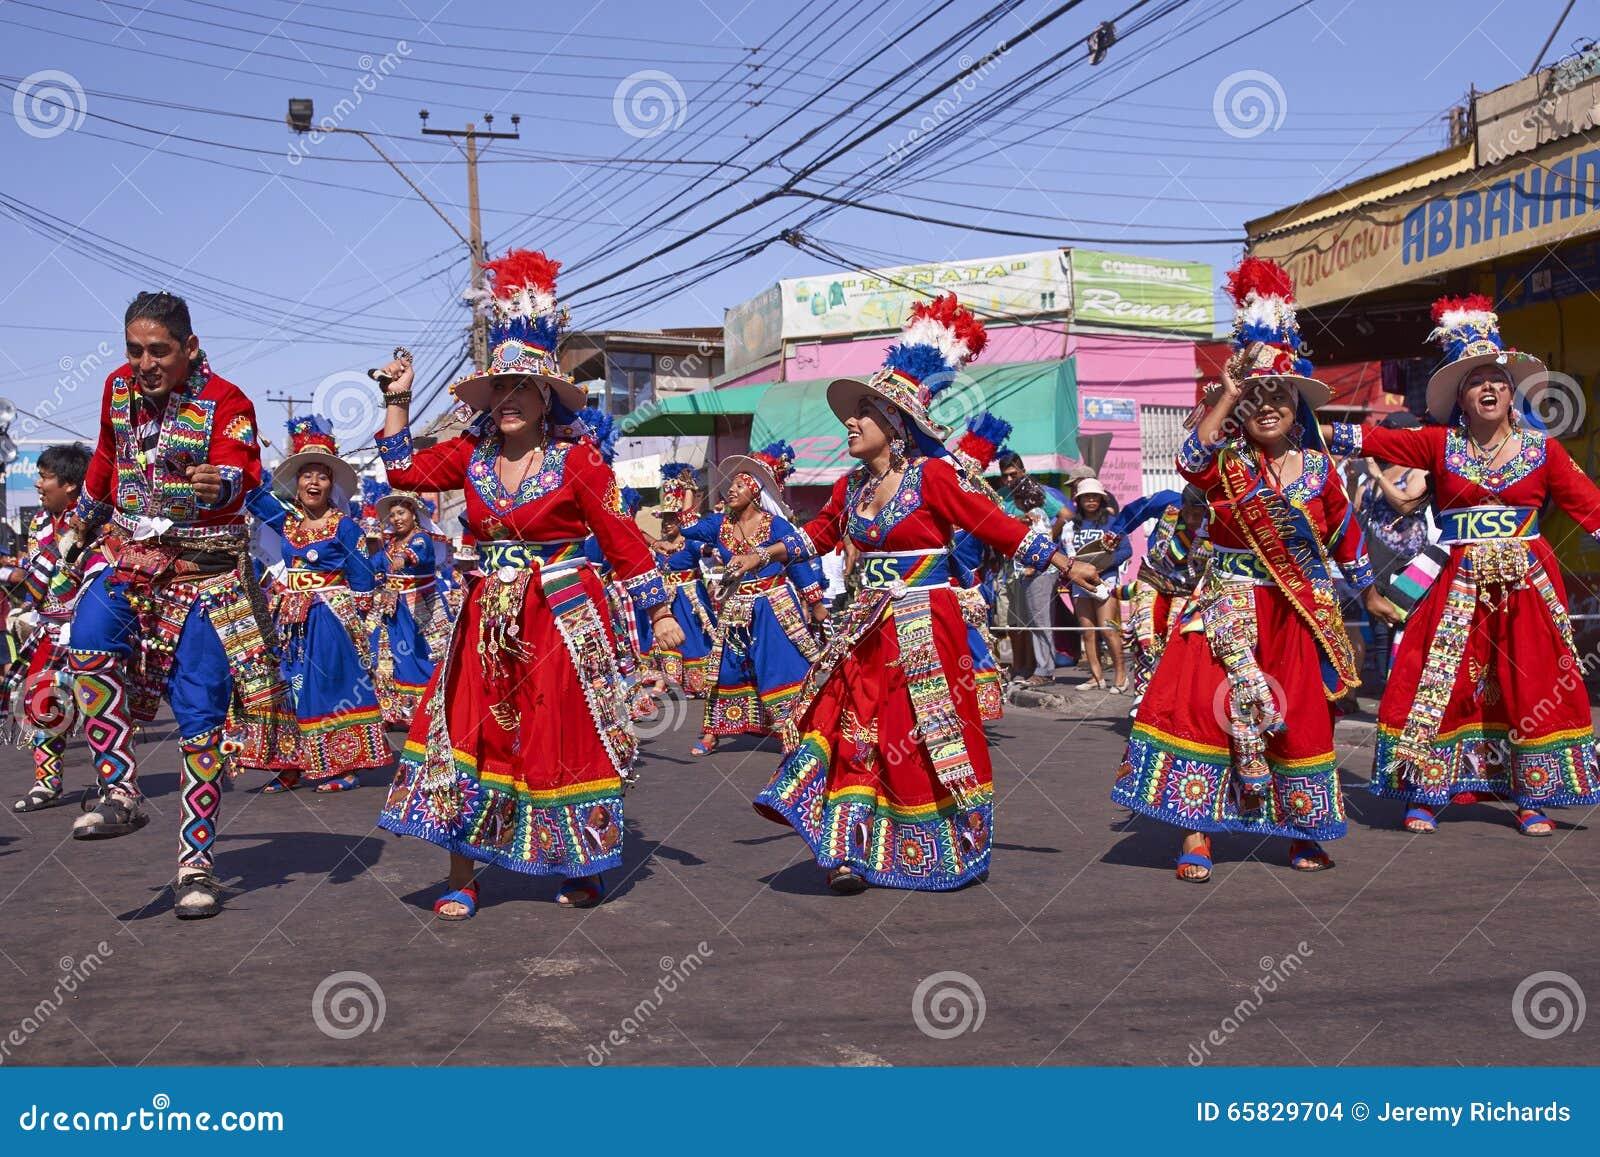 Parejas fiesta en Arica 5135